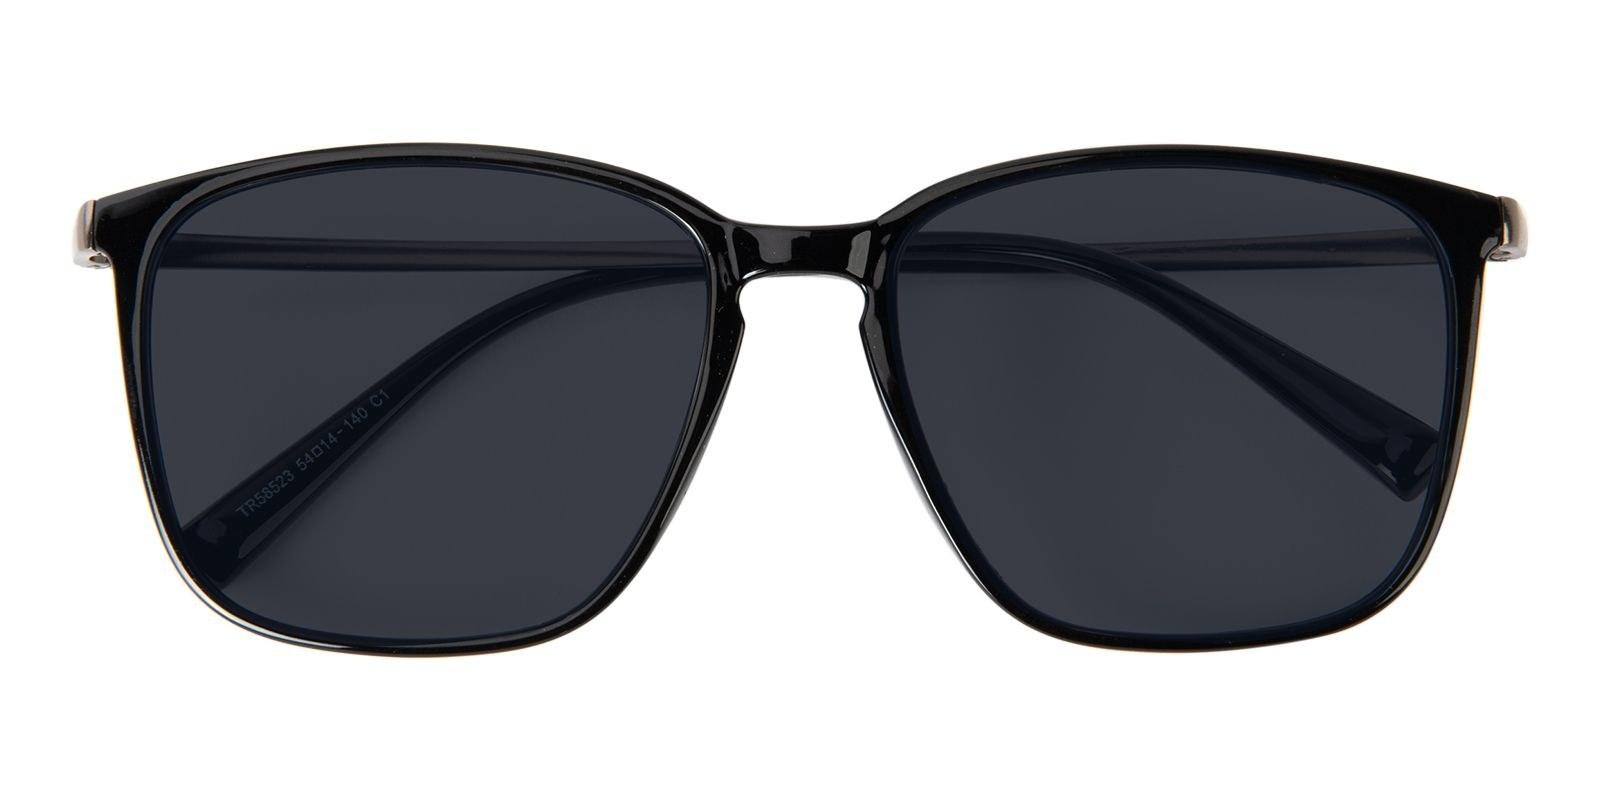 Pair of black sunglasses